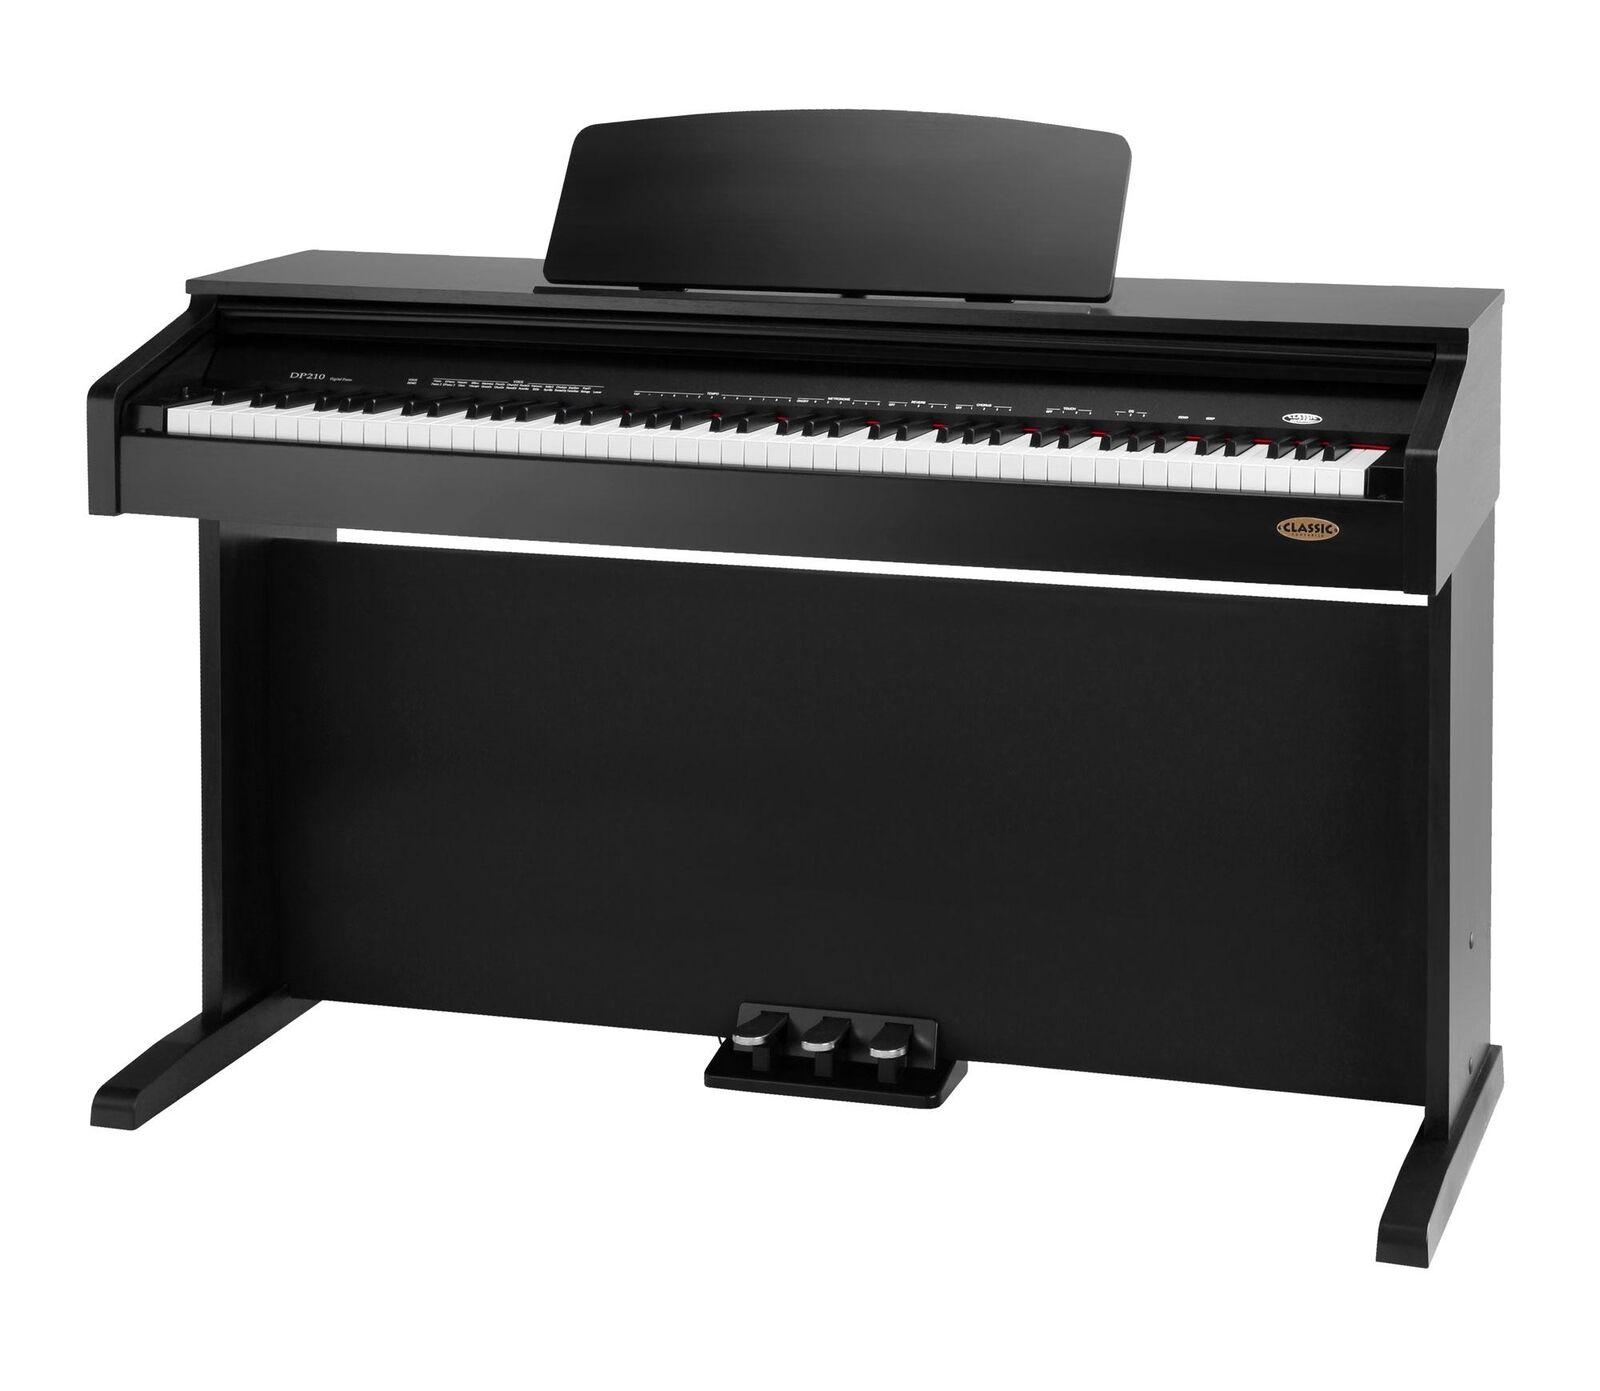 CLASSIC CANTABILE DP-210 SM E-PIANO DIGITAL 3 PEDALE METRONOM LAYER SCHWARZ MATT